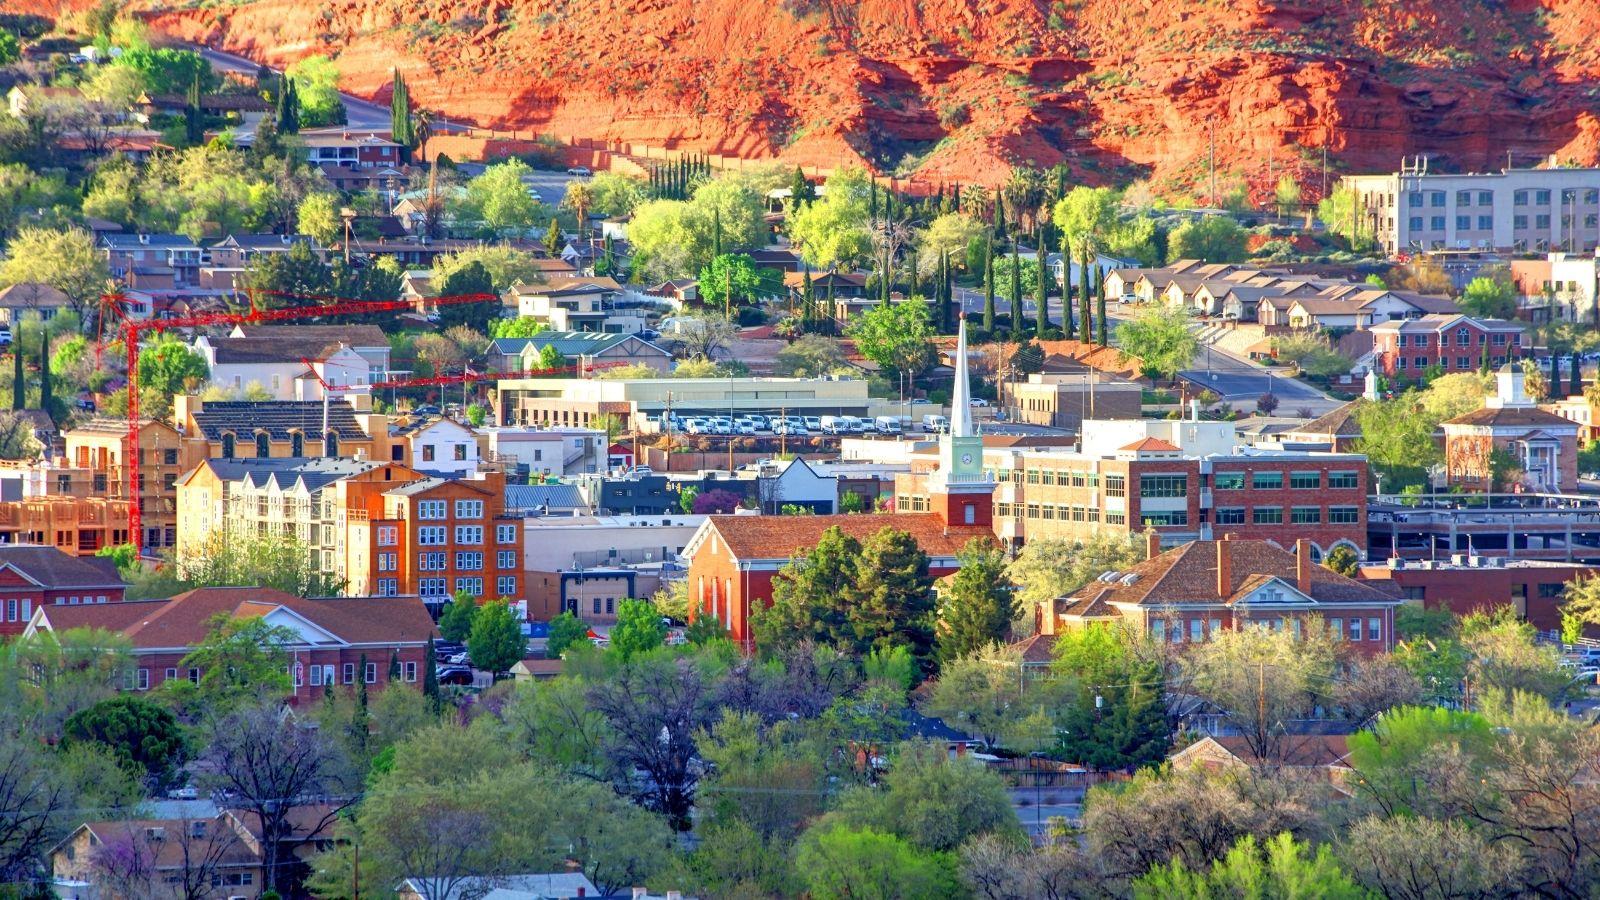 St George Utah Real Estate Market Report - January 2021